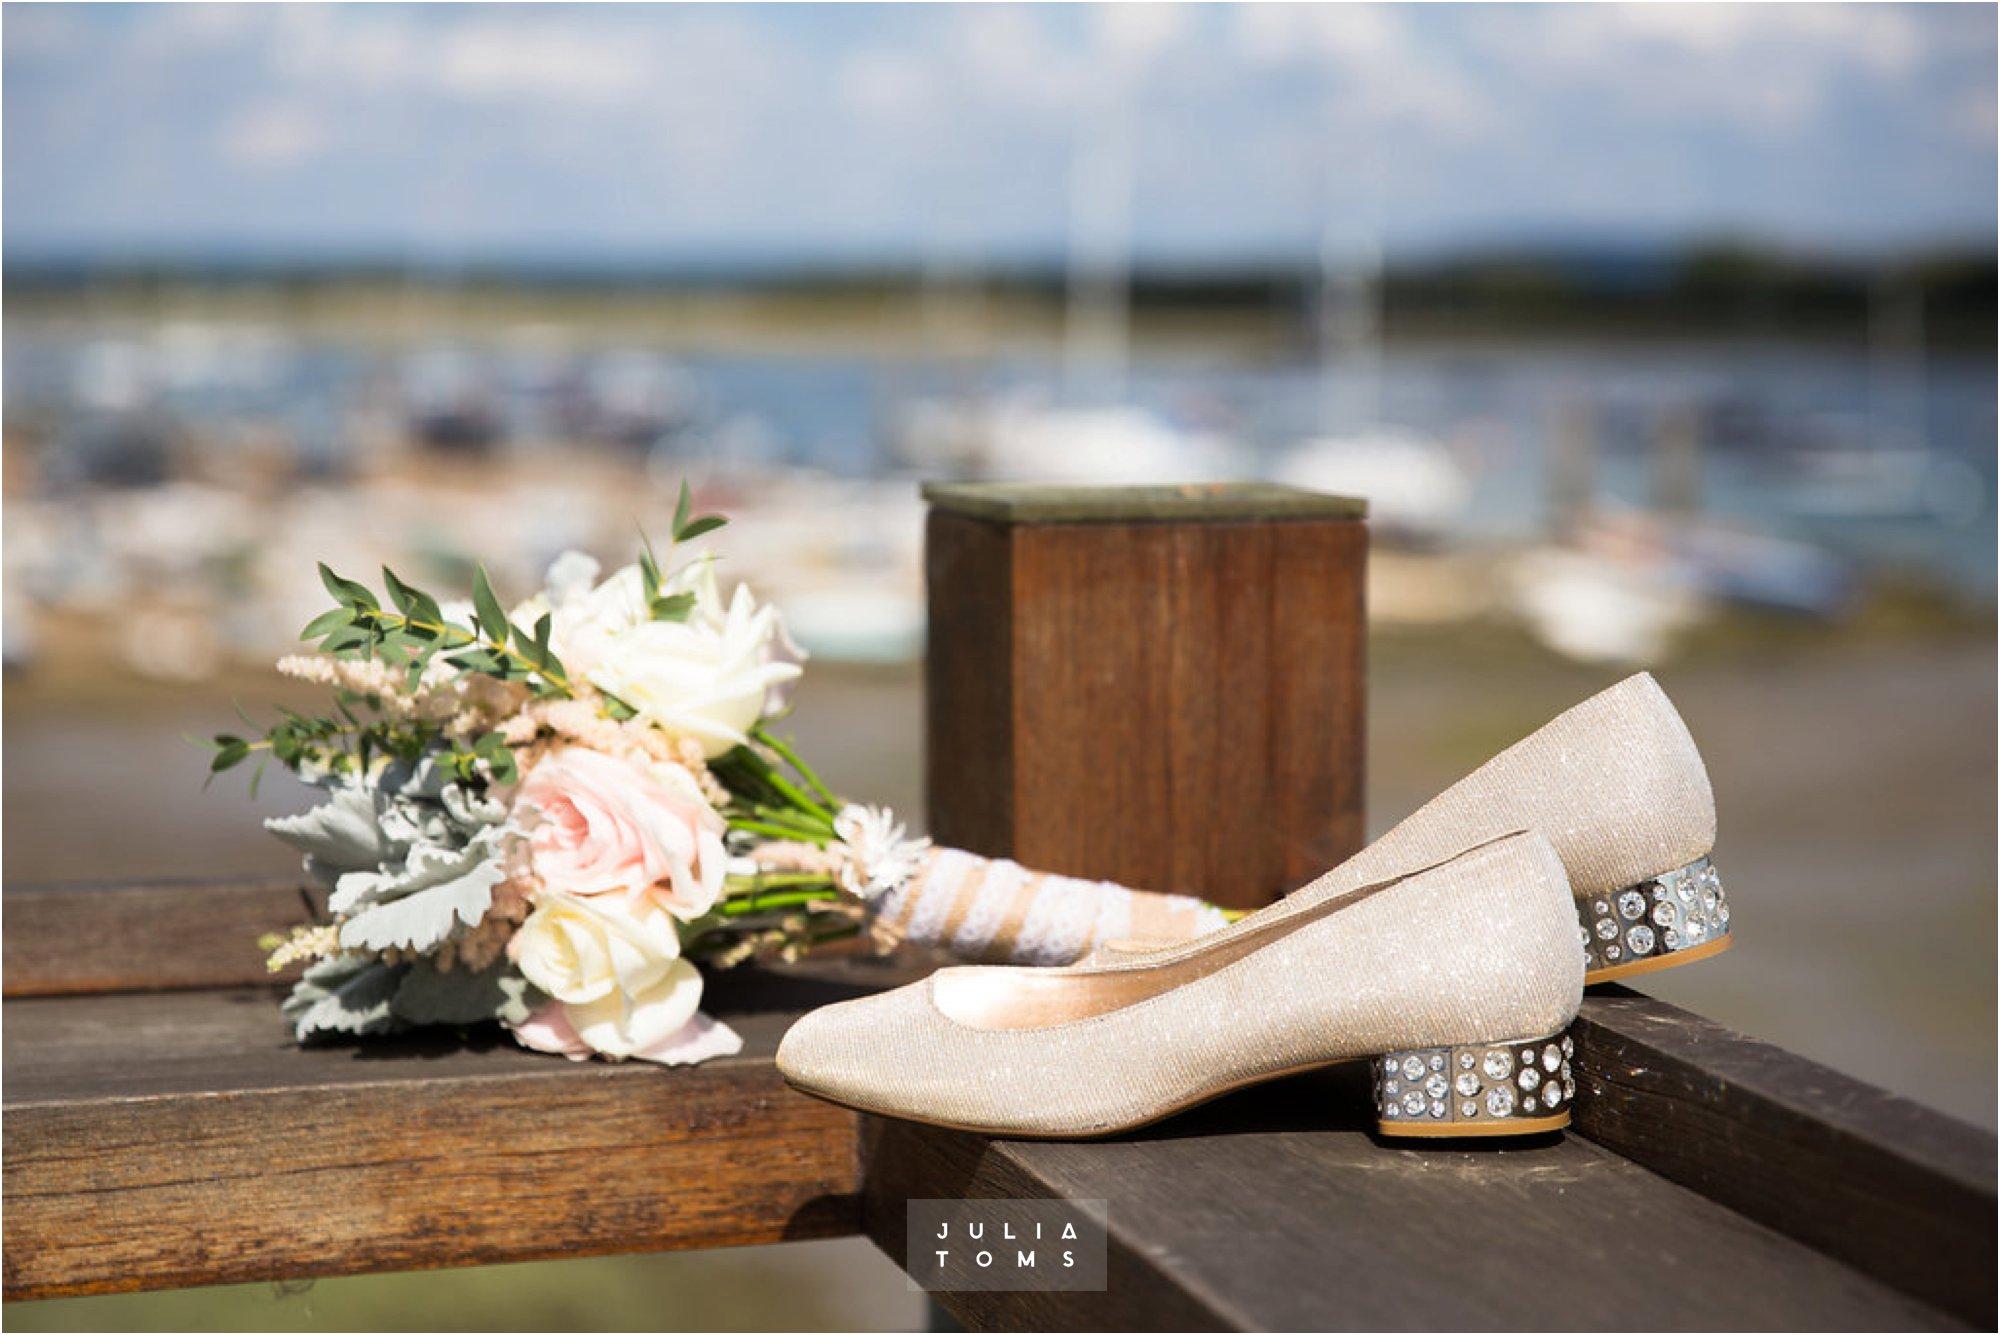 itchenor_wedding_chichester_photographer_002.jpg